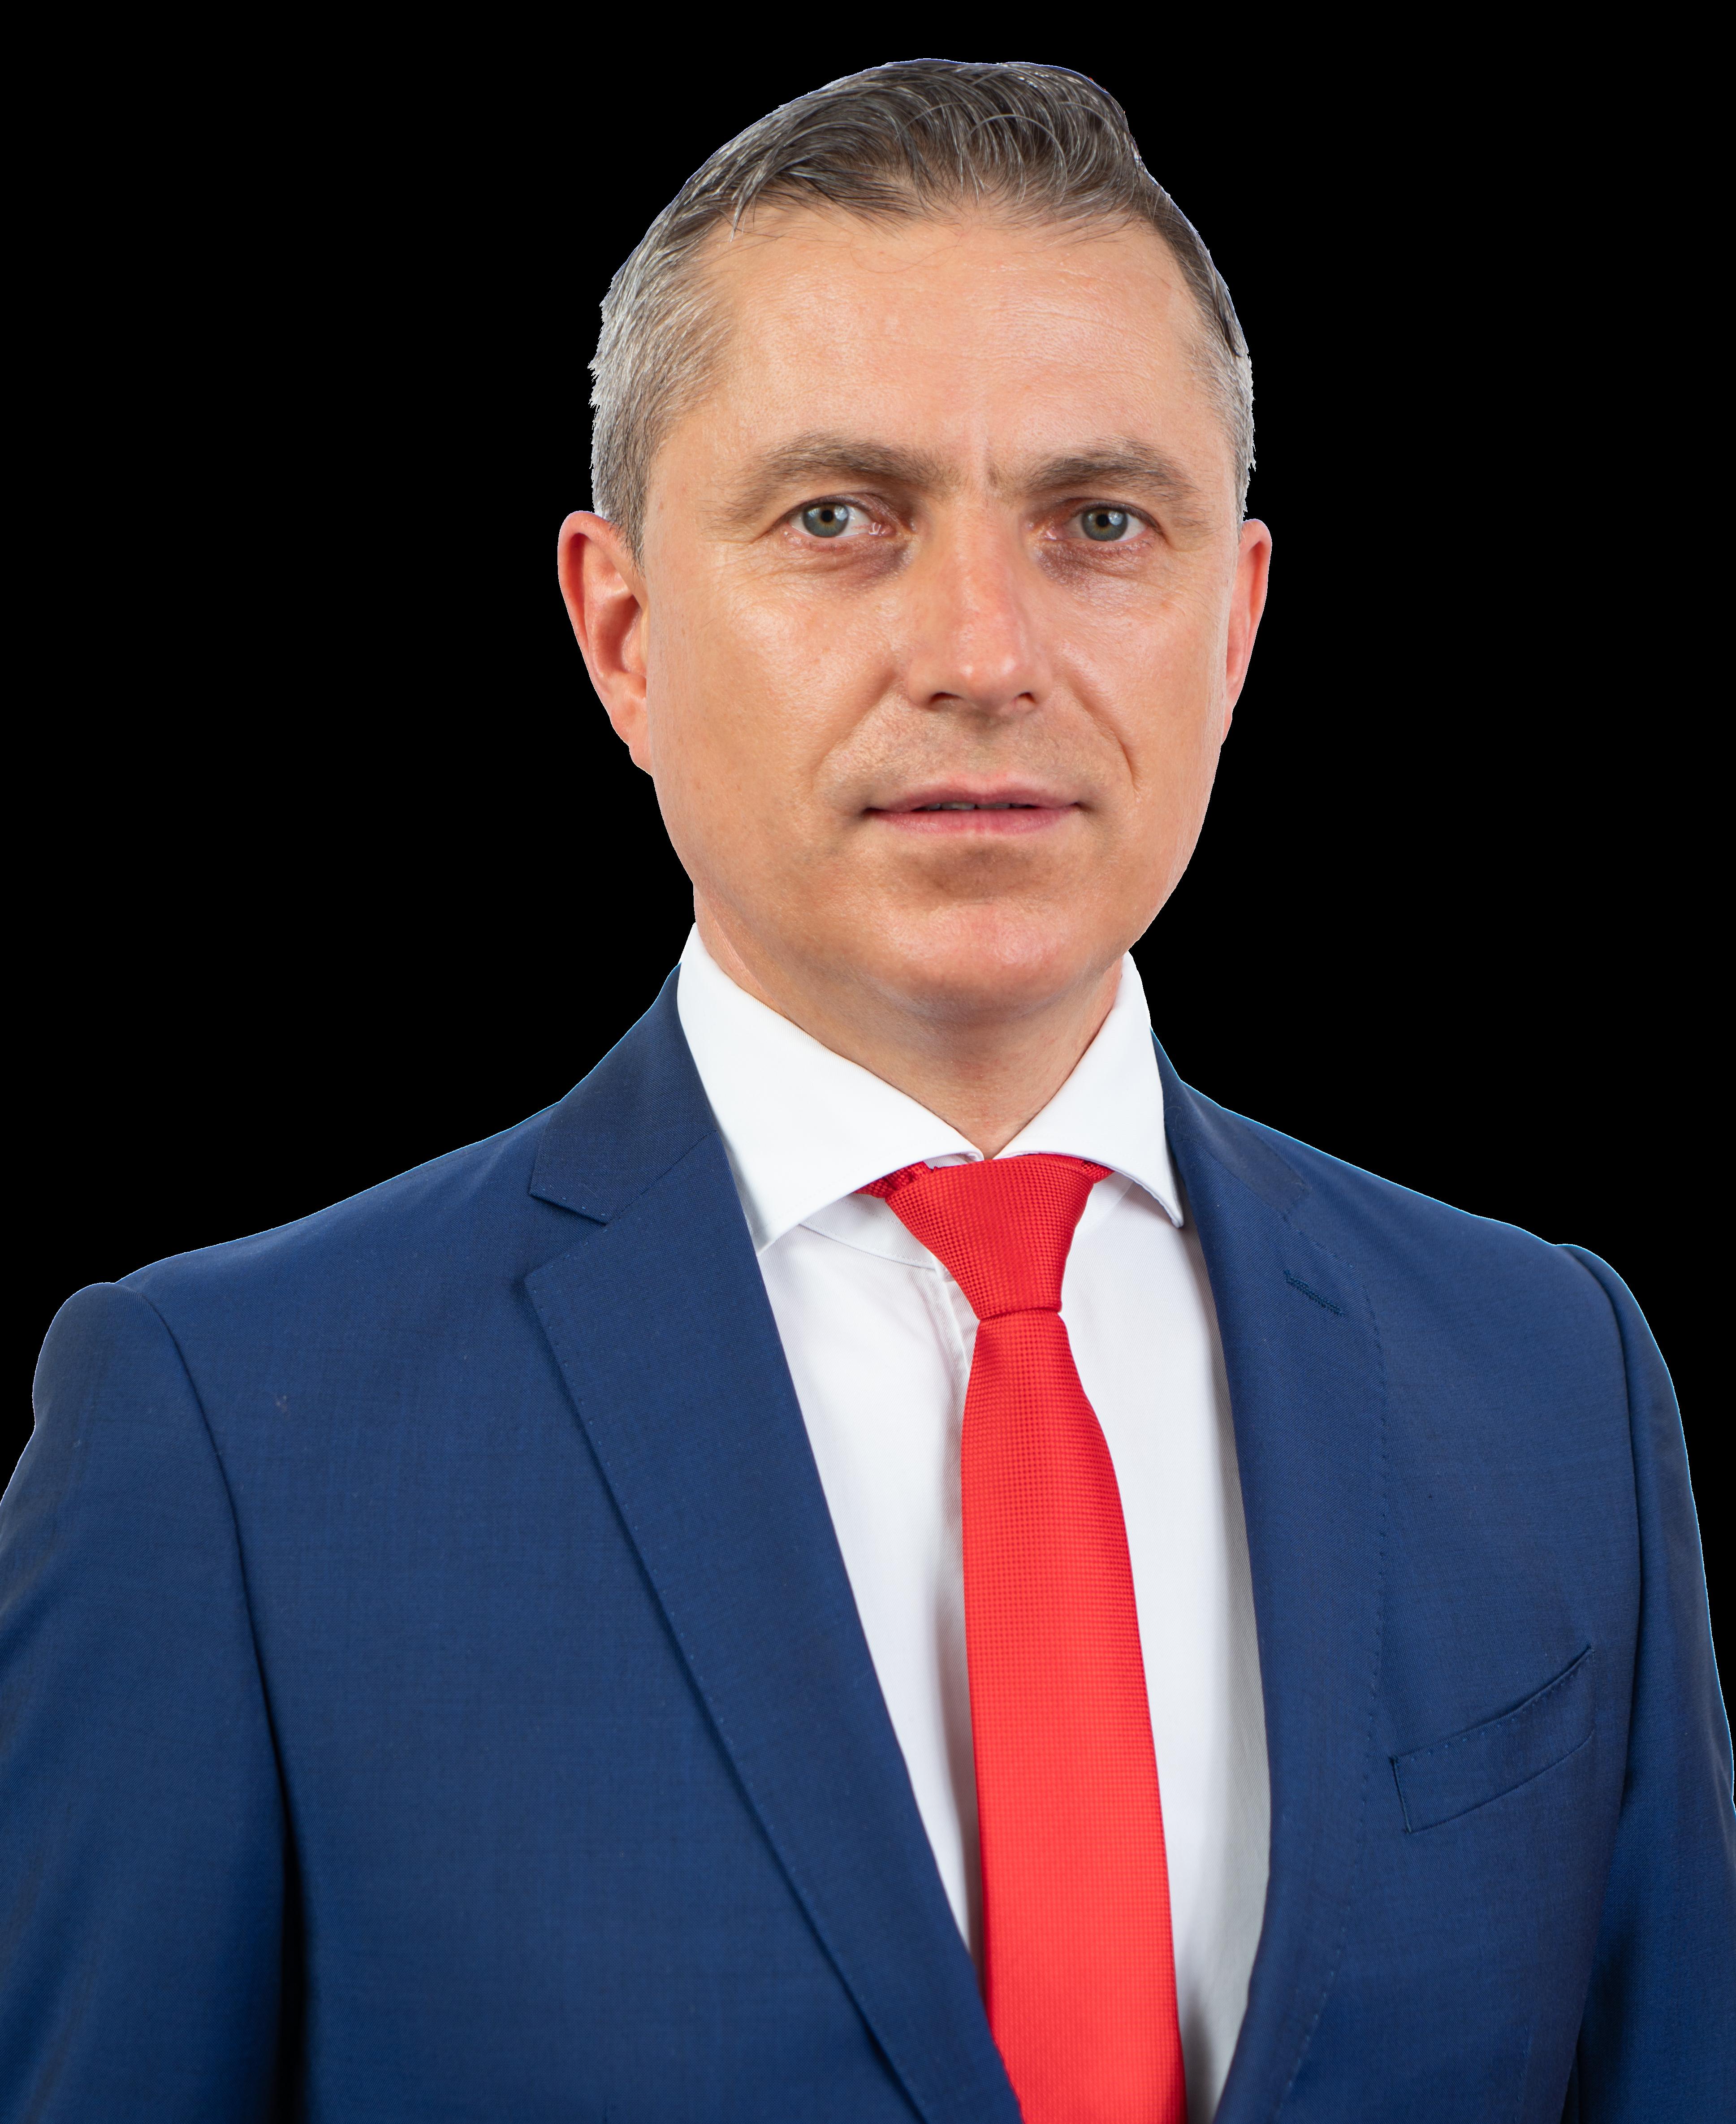 Deputat PSD Costel LUPAȘCU: Orban și PNL distrug România!